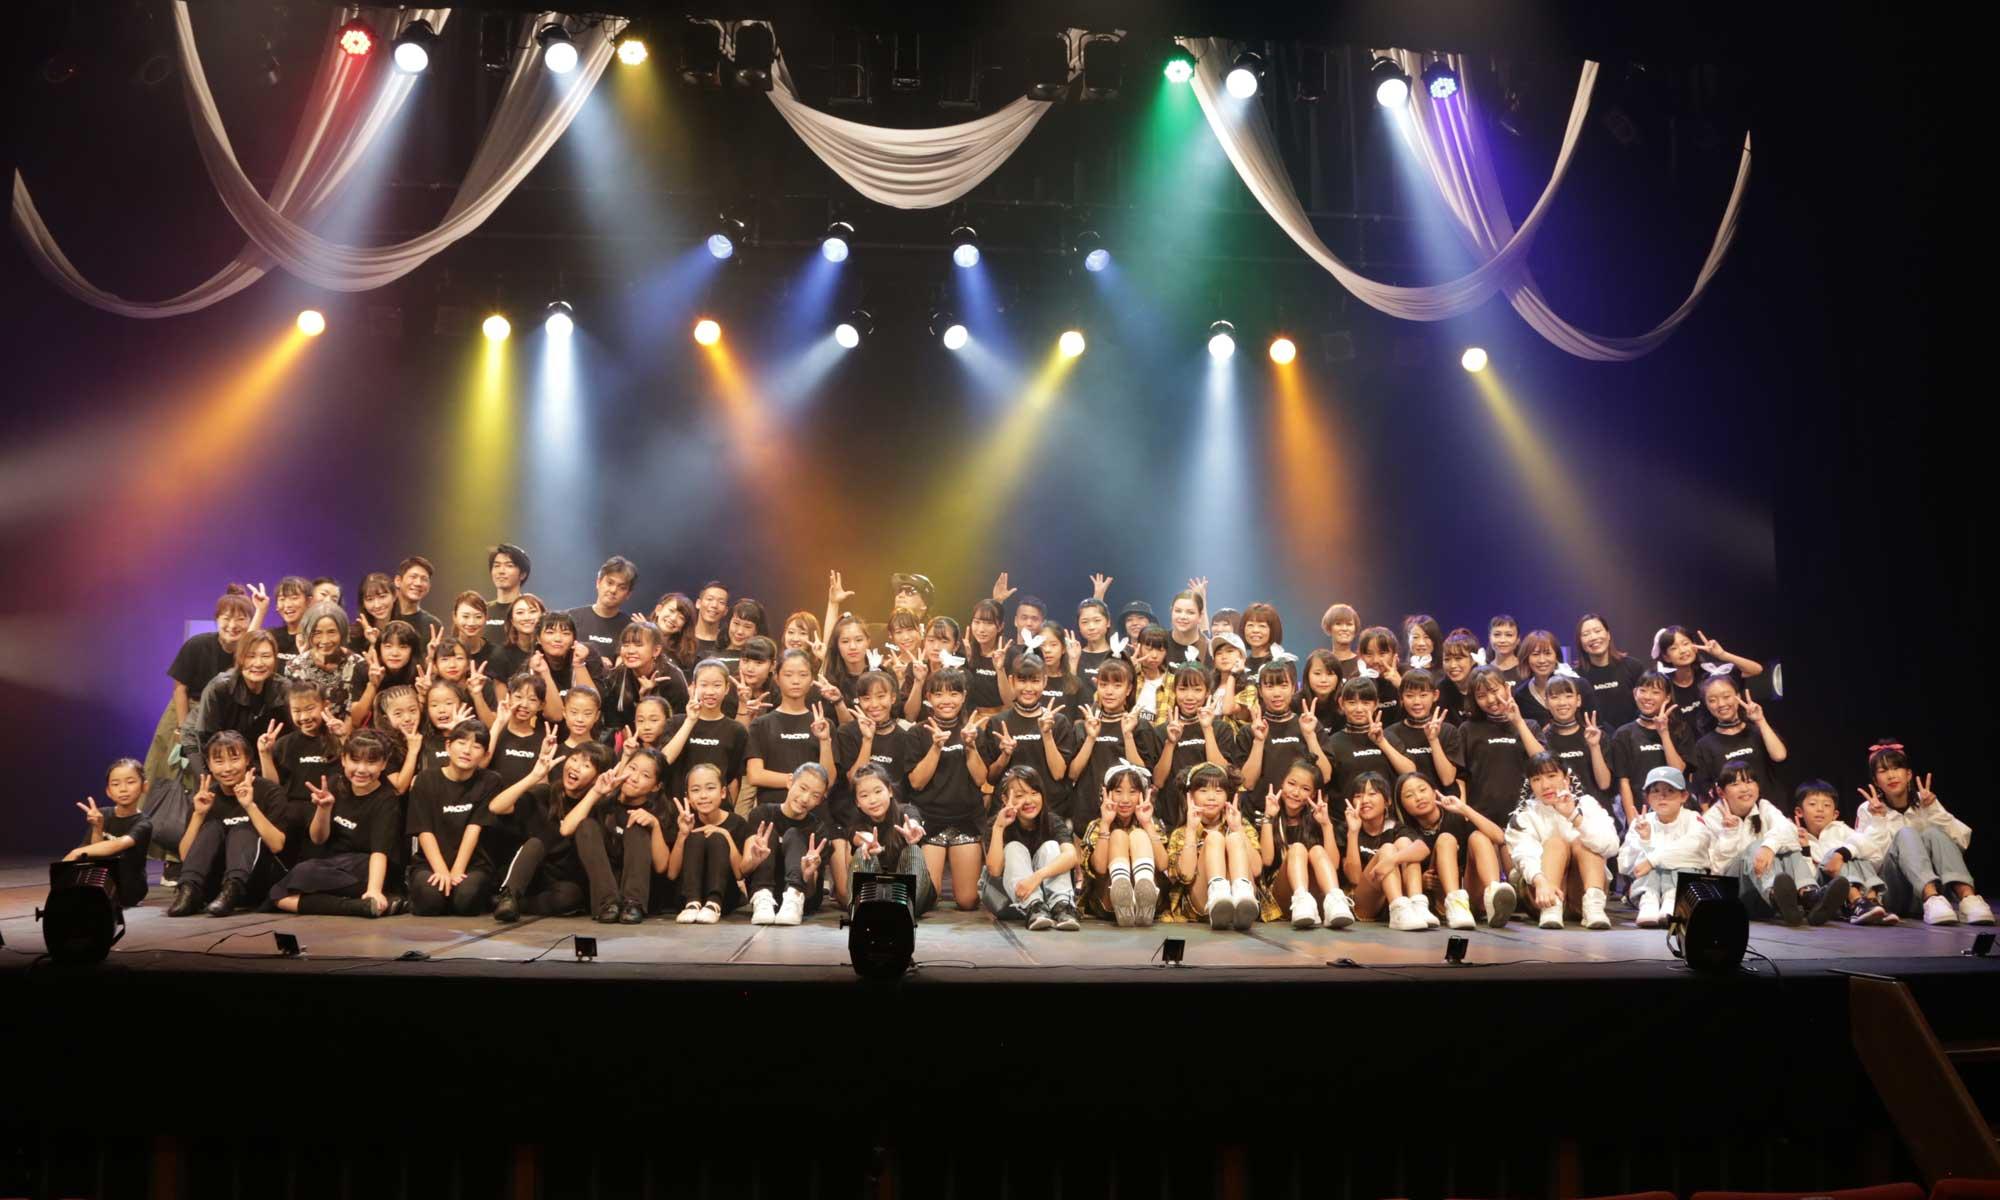 ダンススタジオダルク309公式サイト